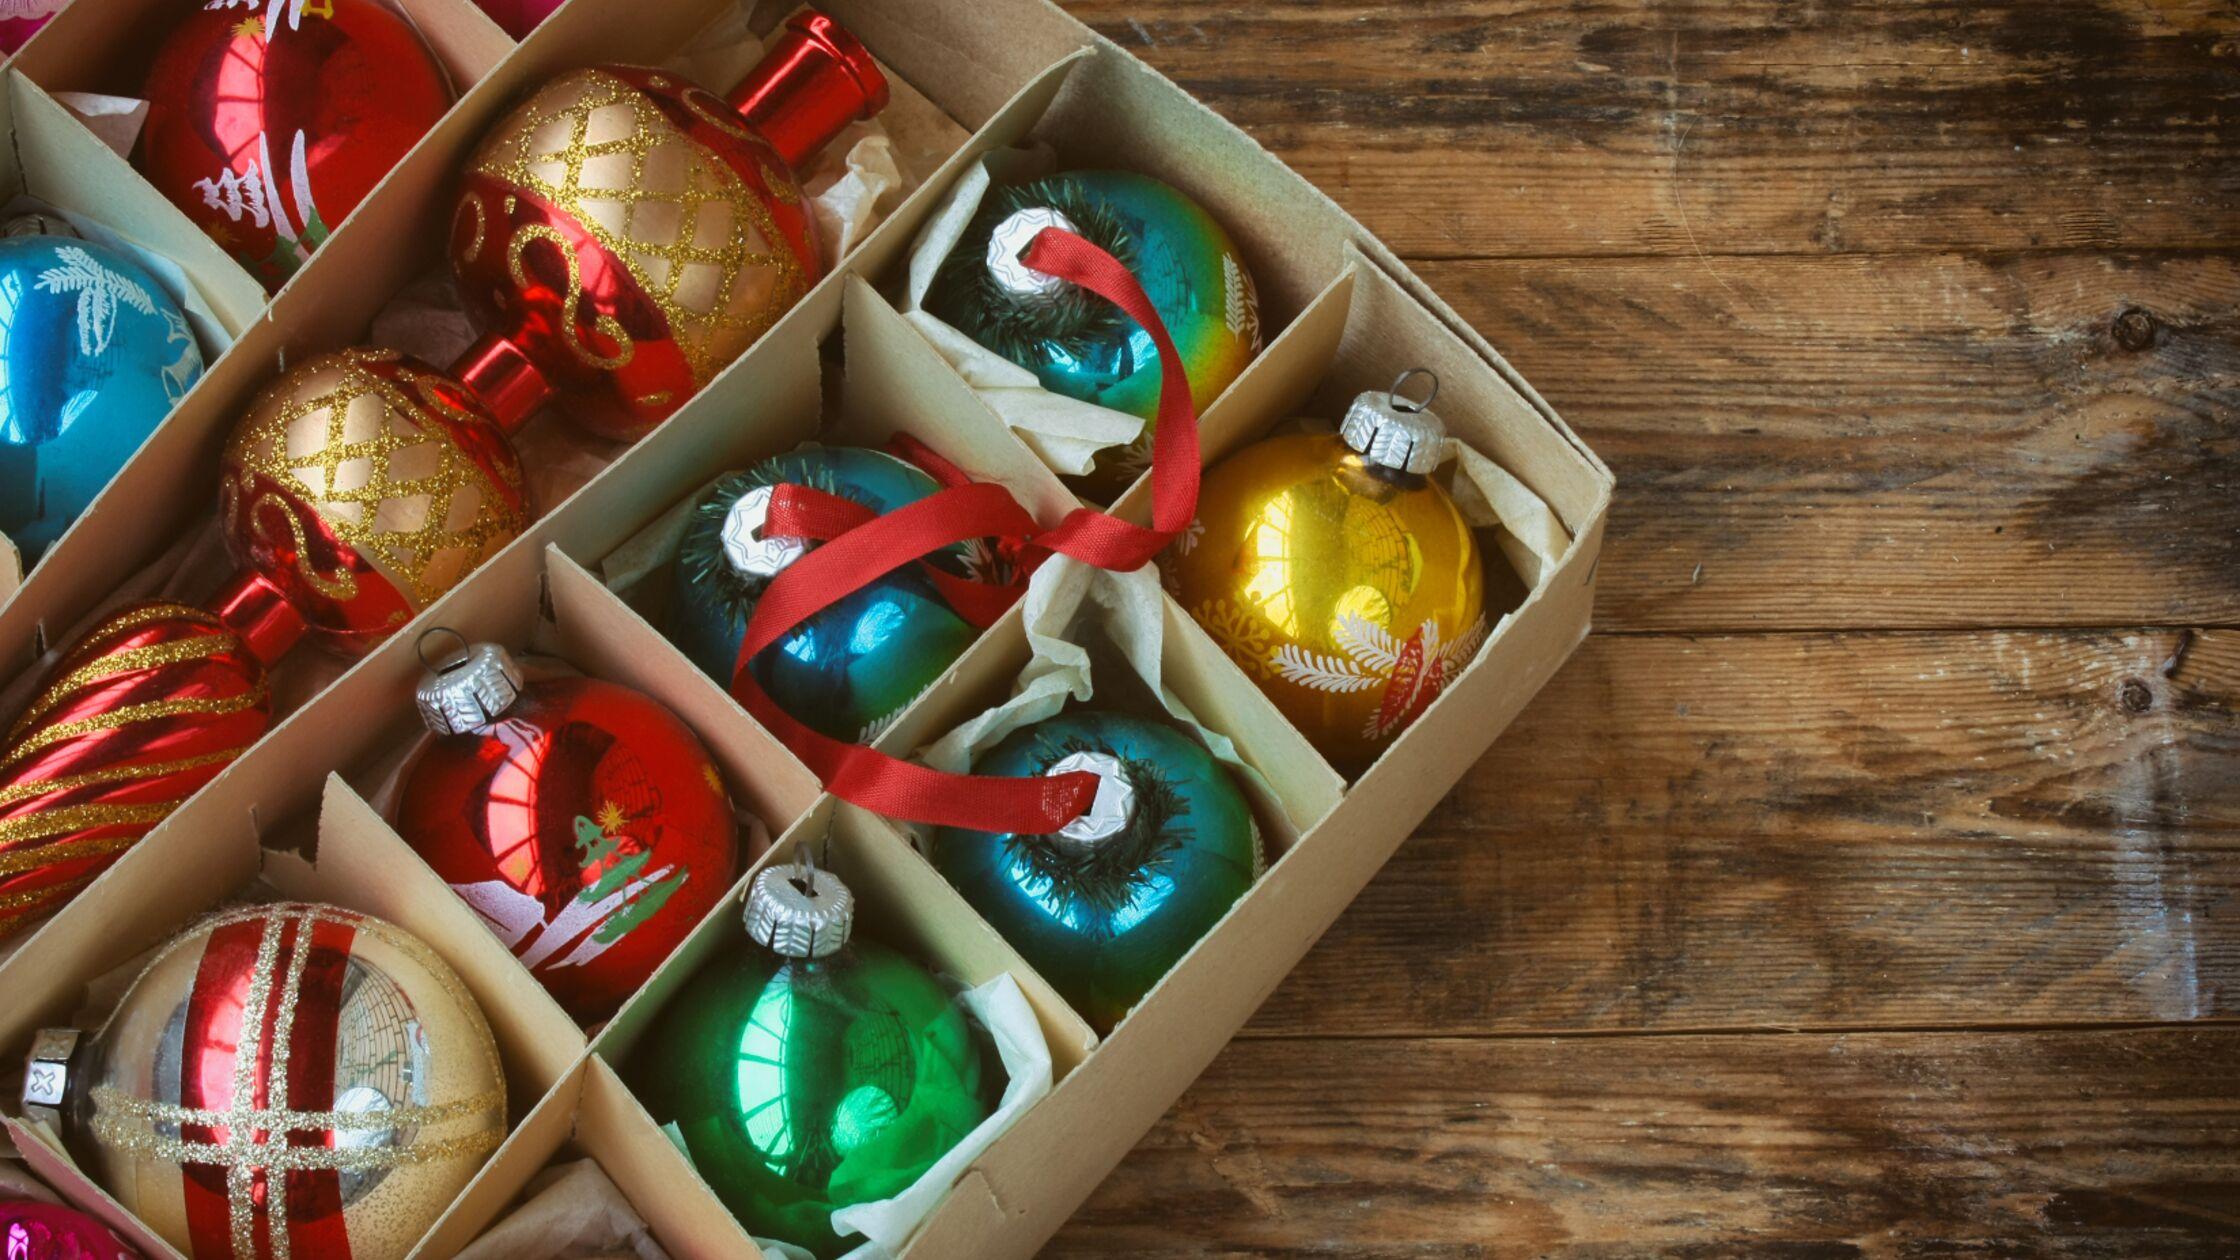 Karton mit Weihnachtskugeln